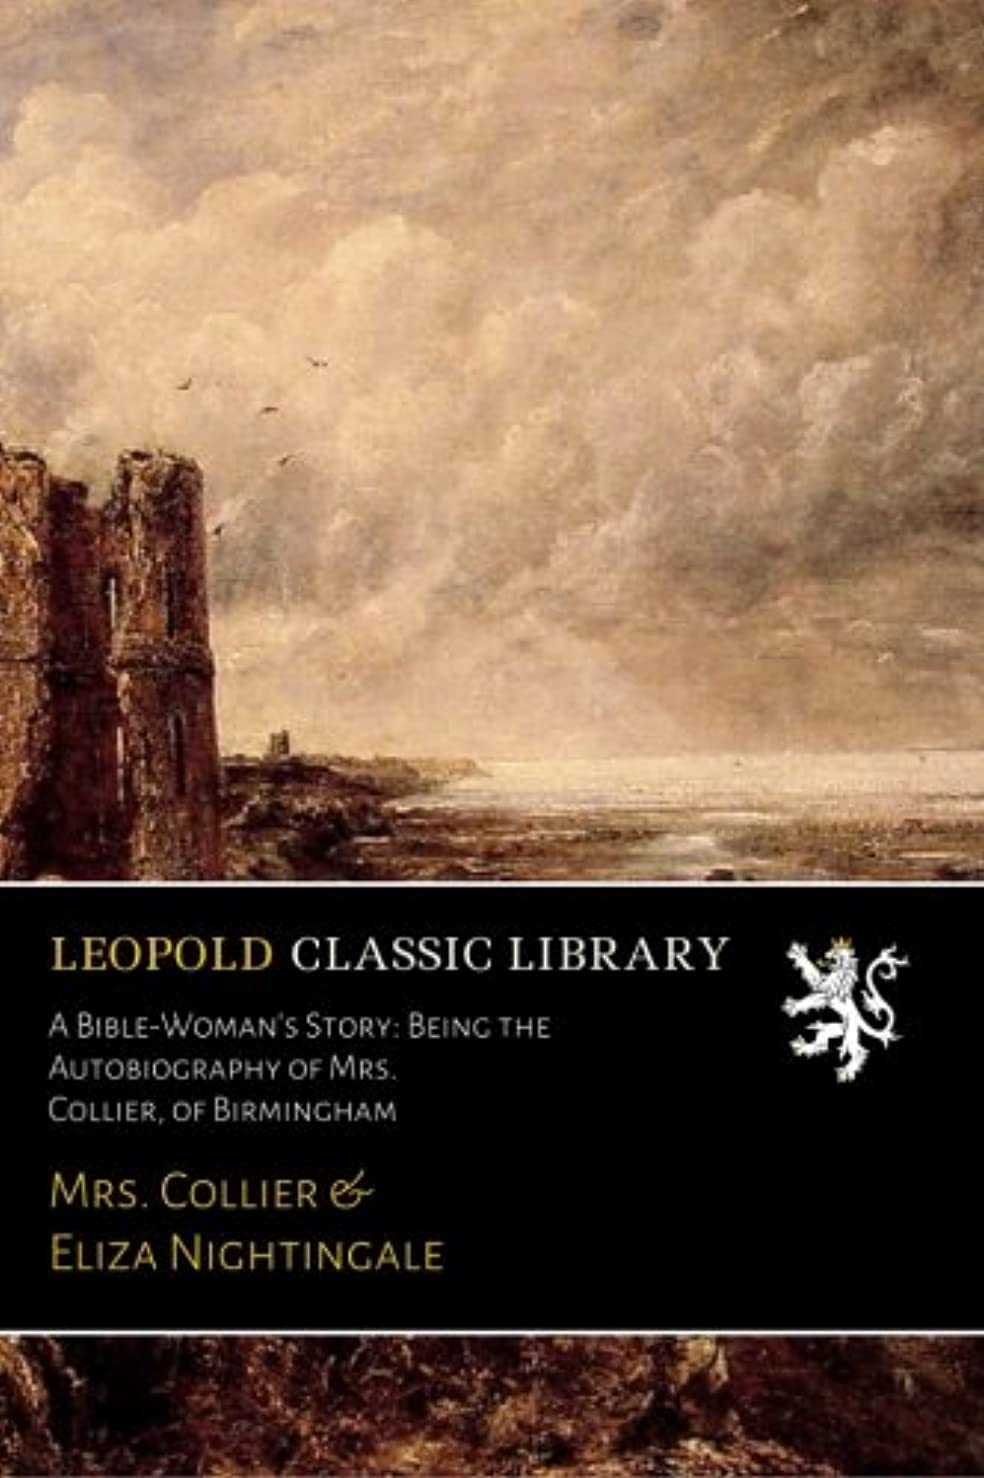 ペグミス書道A Bible-Woman's Story: Being the Autobiography of Mrs. Collier, of Birmingham